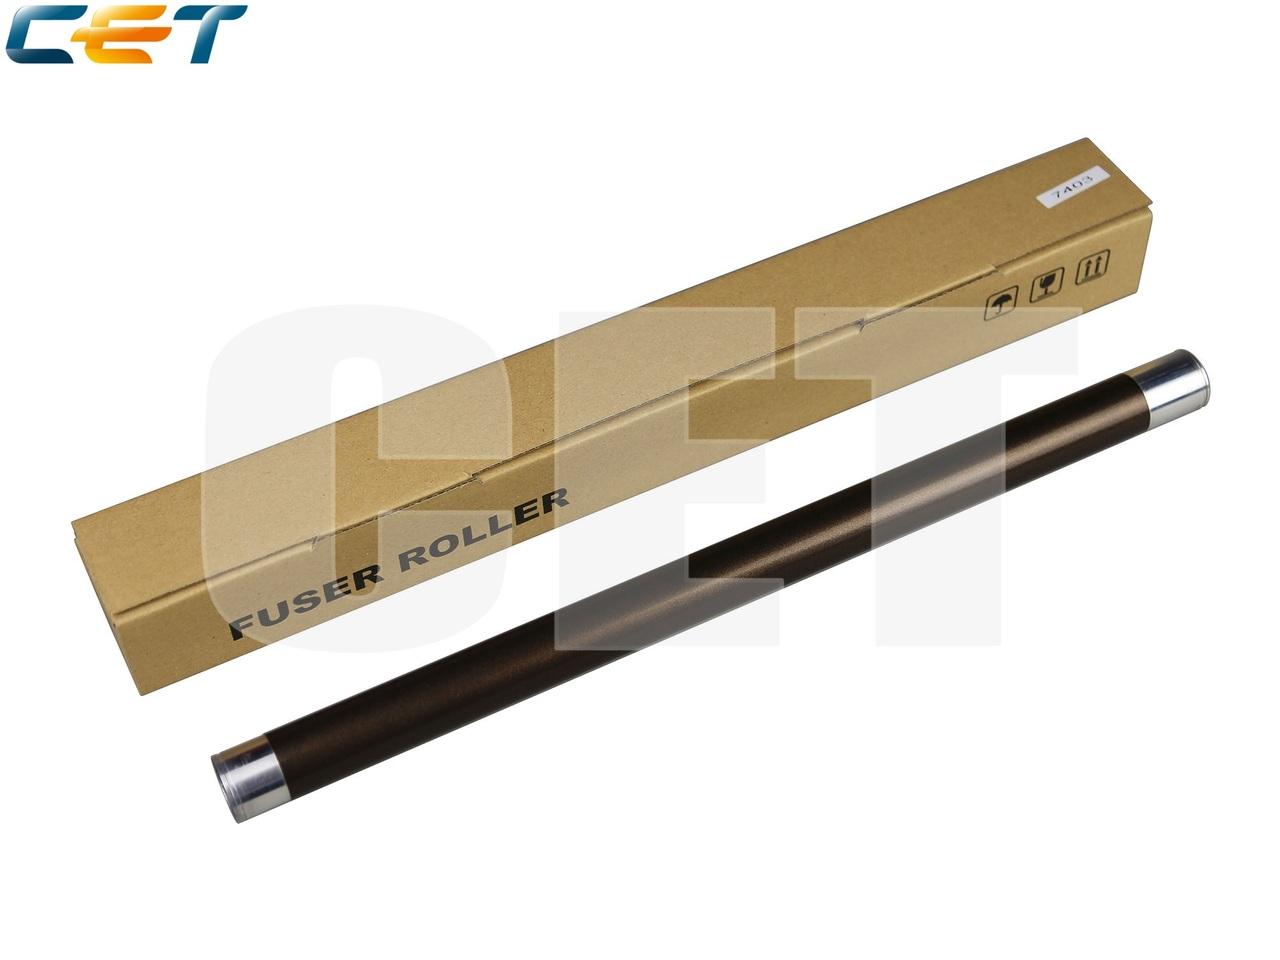 Тефлоновый вал 6LJ83405000 для TOSHIBA E-Studio2006/2306/2506/2007/2307/2507 (CET), CET7403